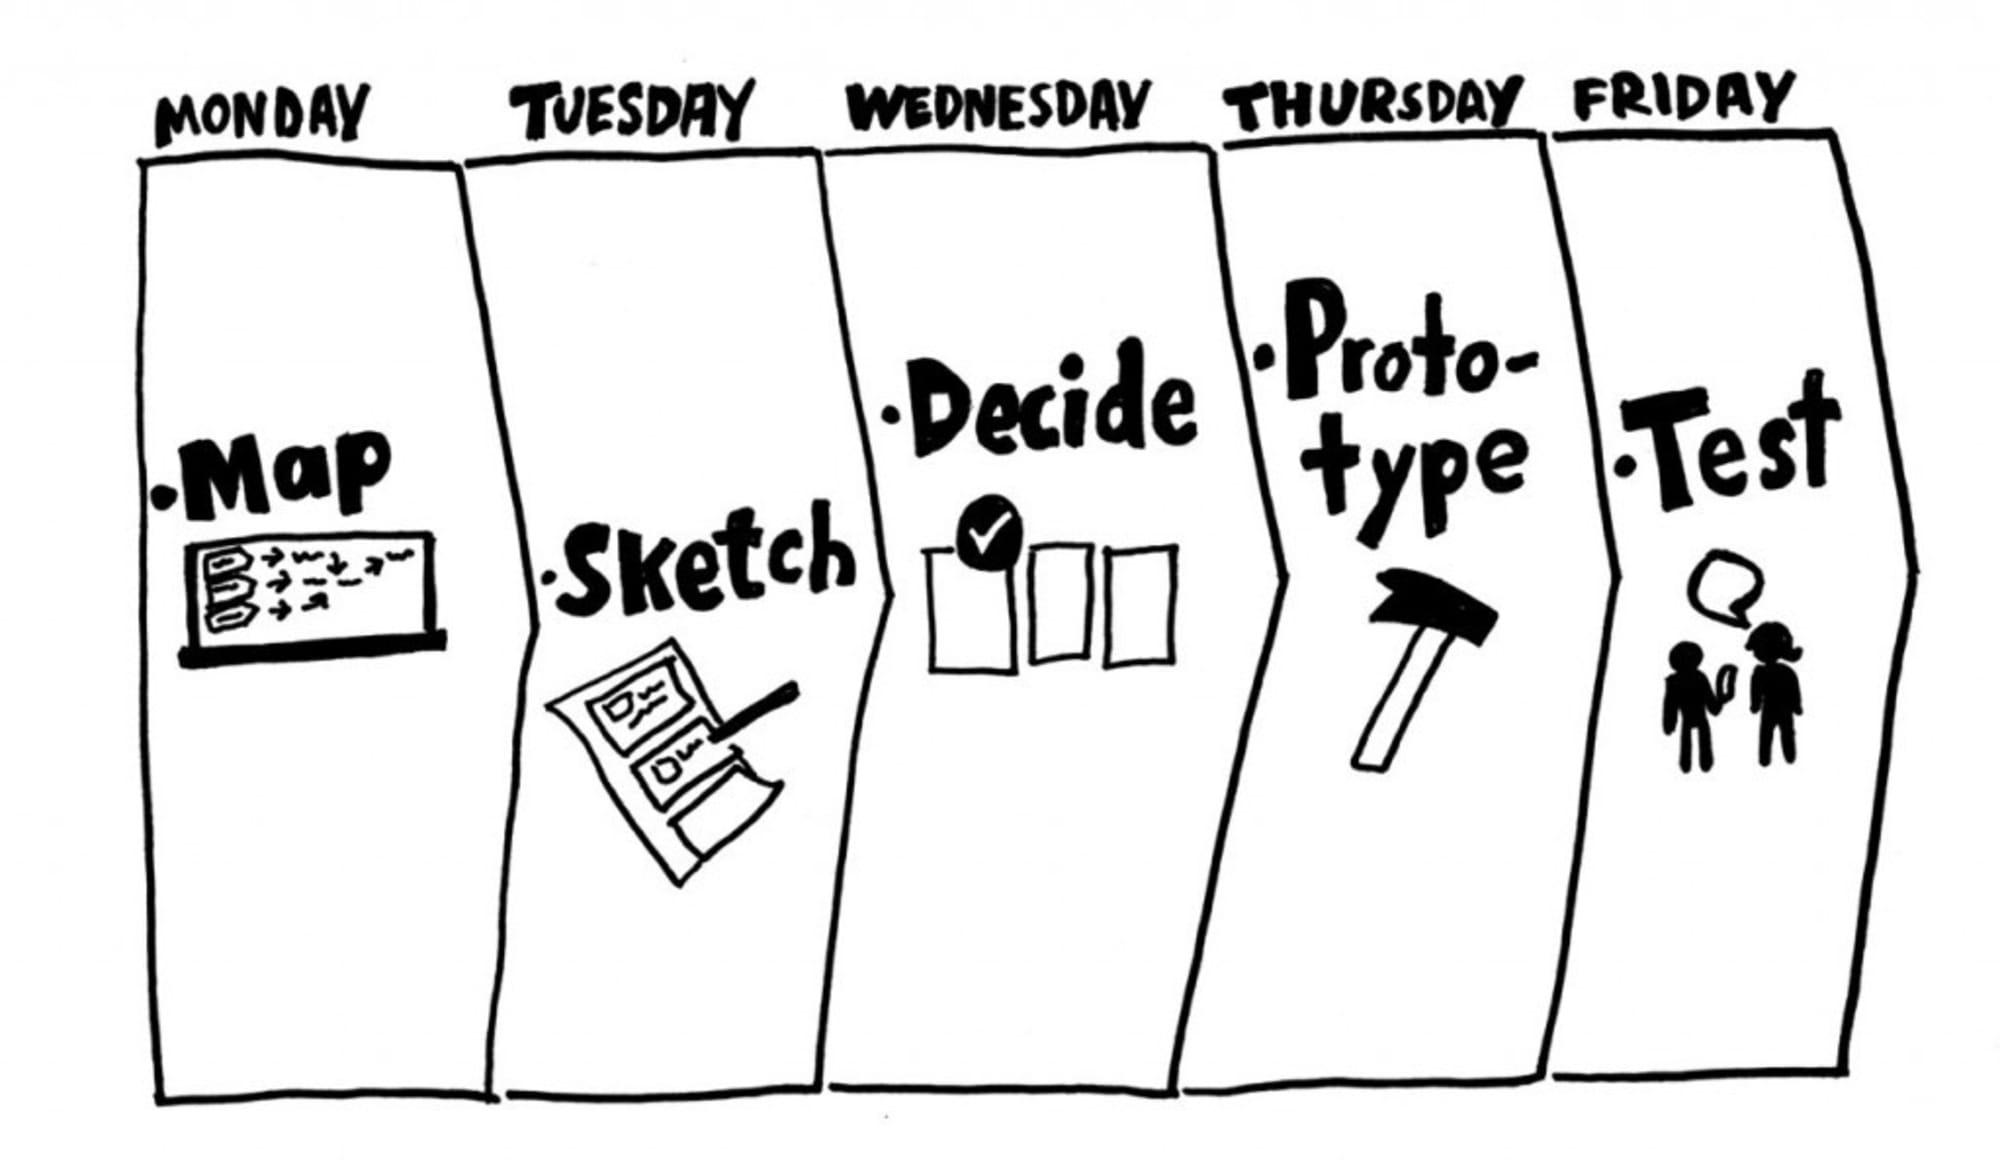 Strikter 5 Tages Plan führen jeden Design Sprint zum Erfolg